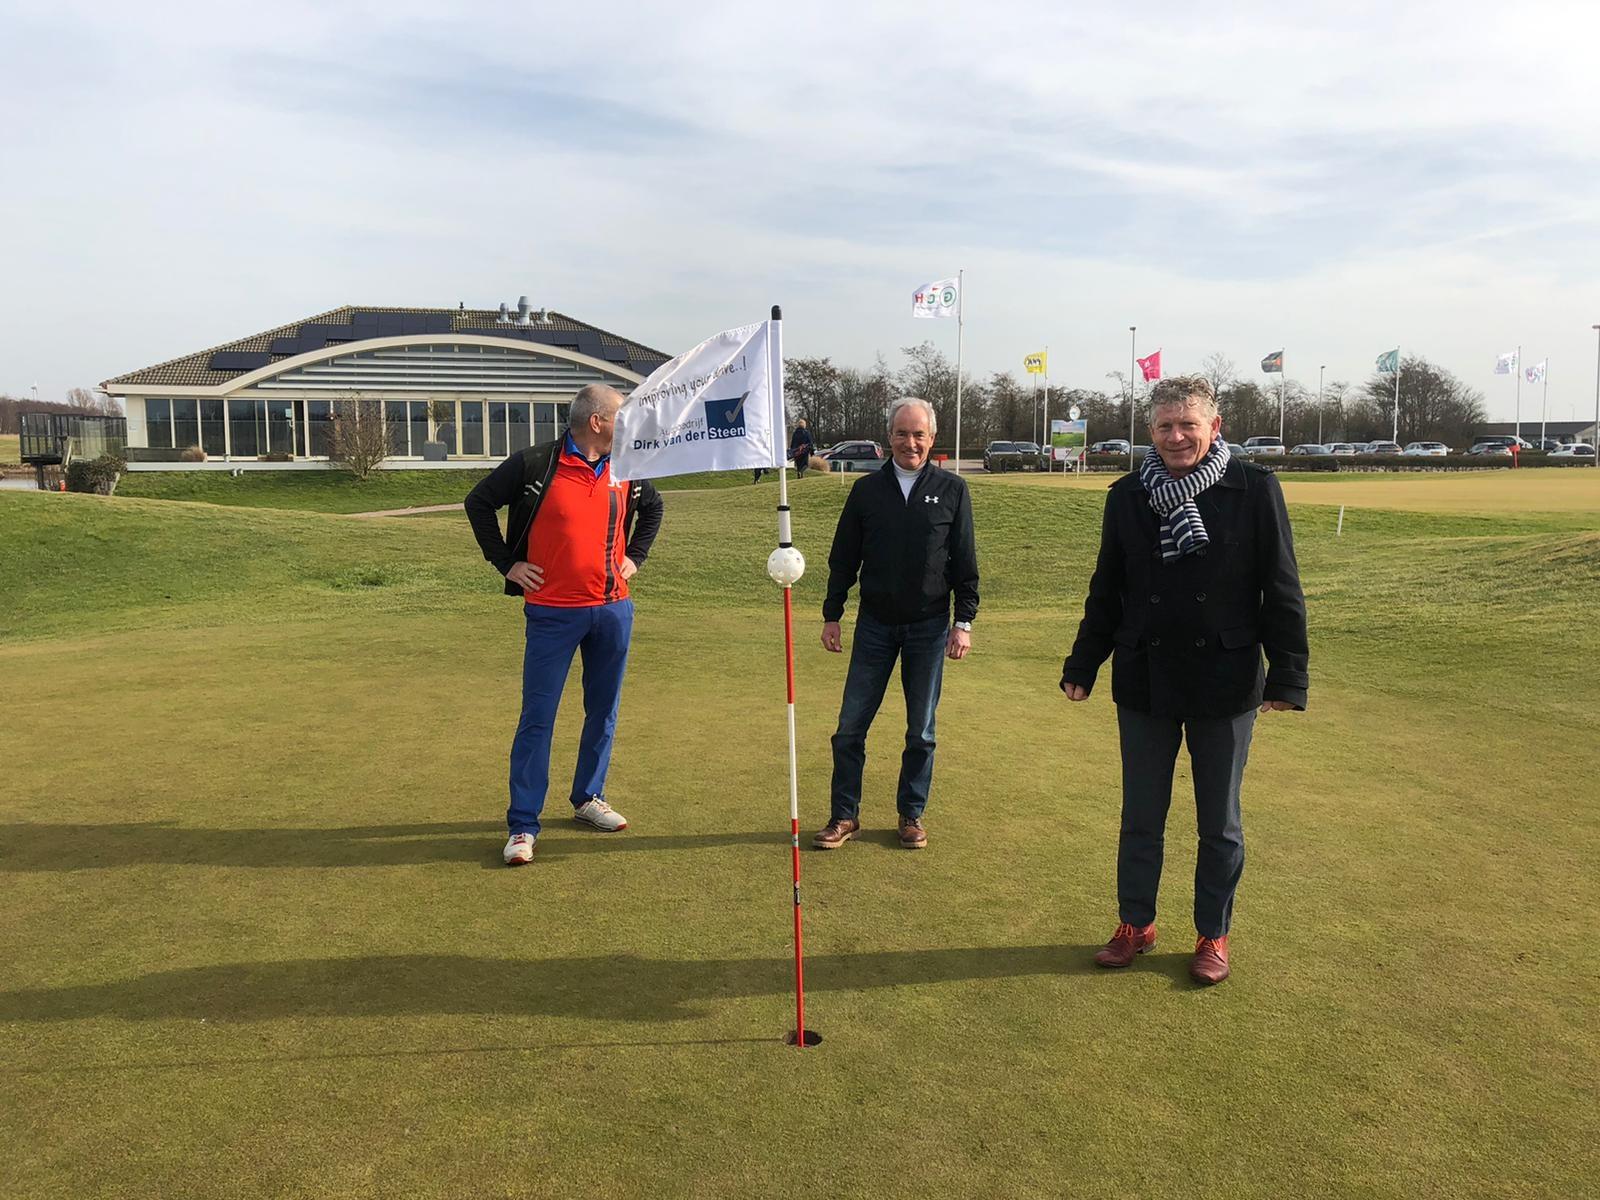 Autobedrijf Dirk van der Steen sponsort Golfclub Heiloo-thumb